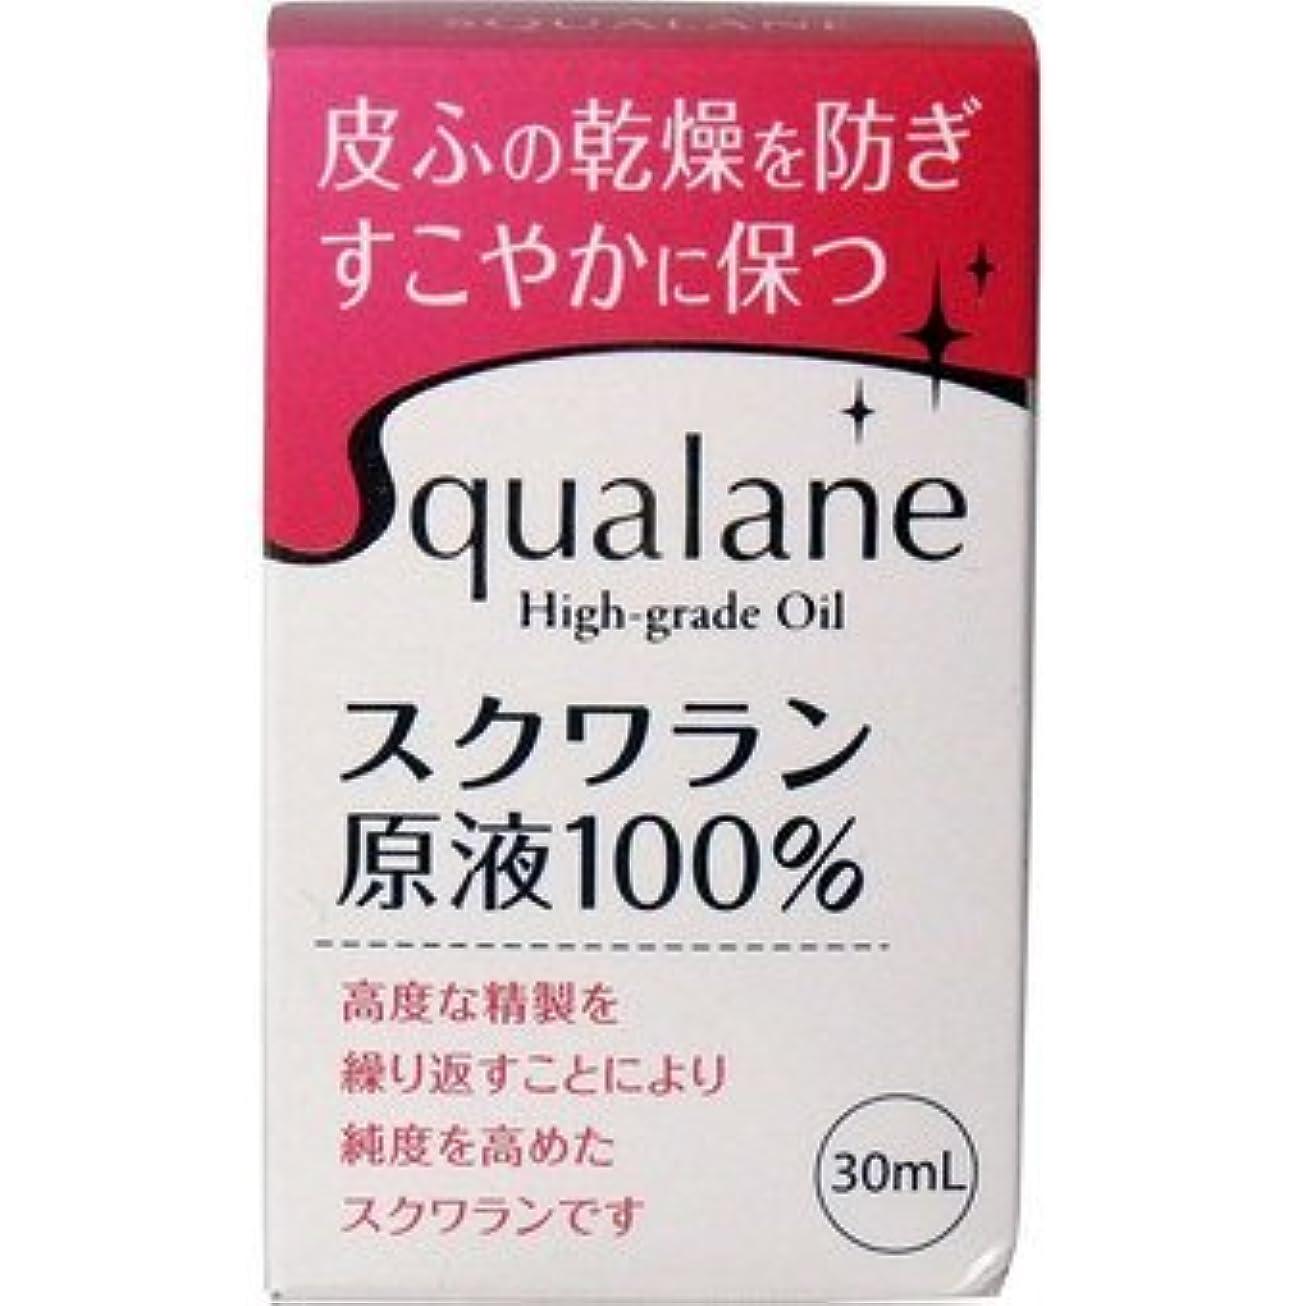 好色な実施する蒸スクワラン原液 100% 30ml ×3個セット